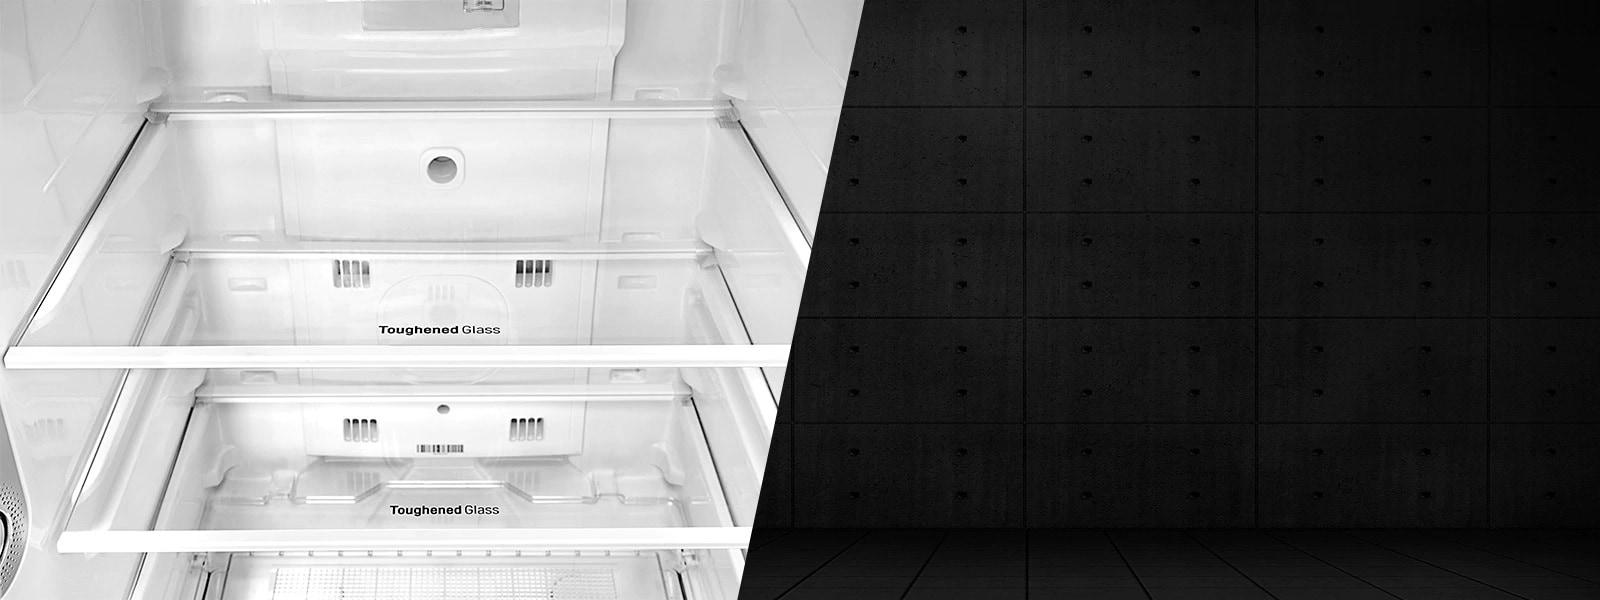 LG GL-T432ARSY Toughened Glass Shelves